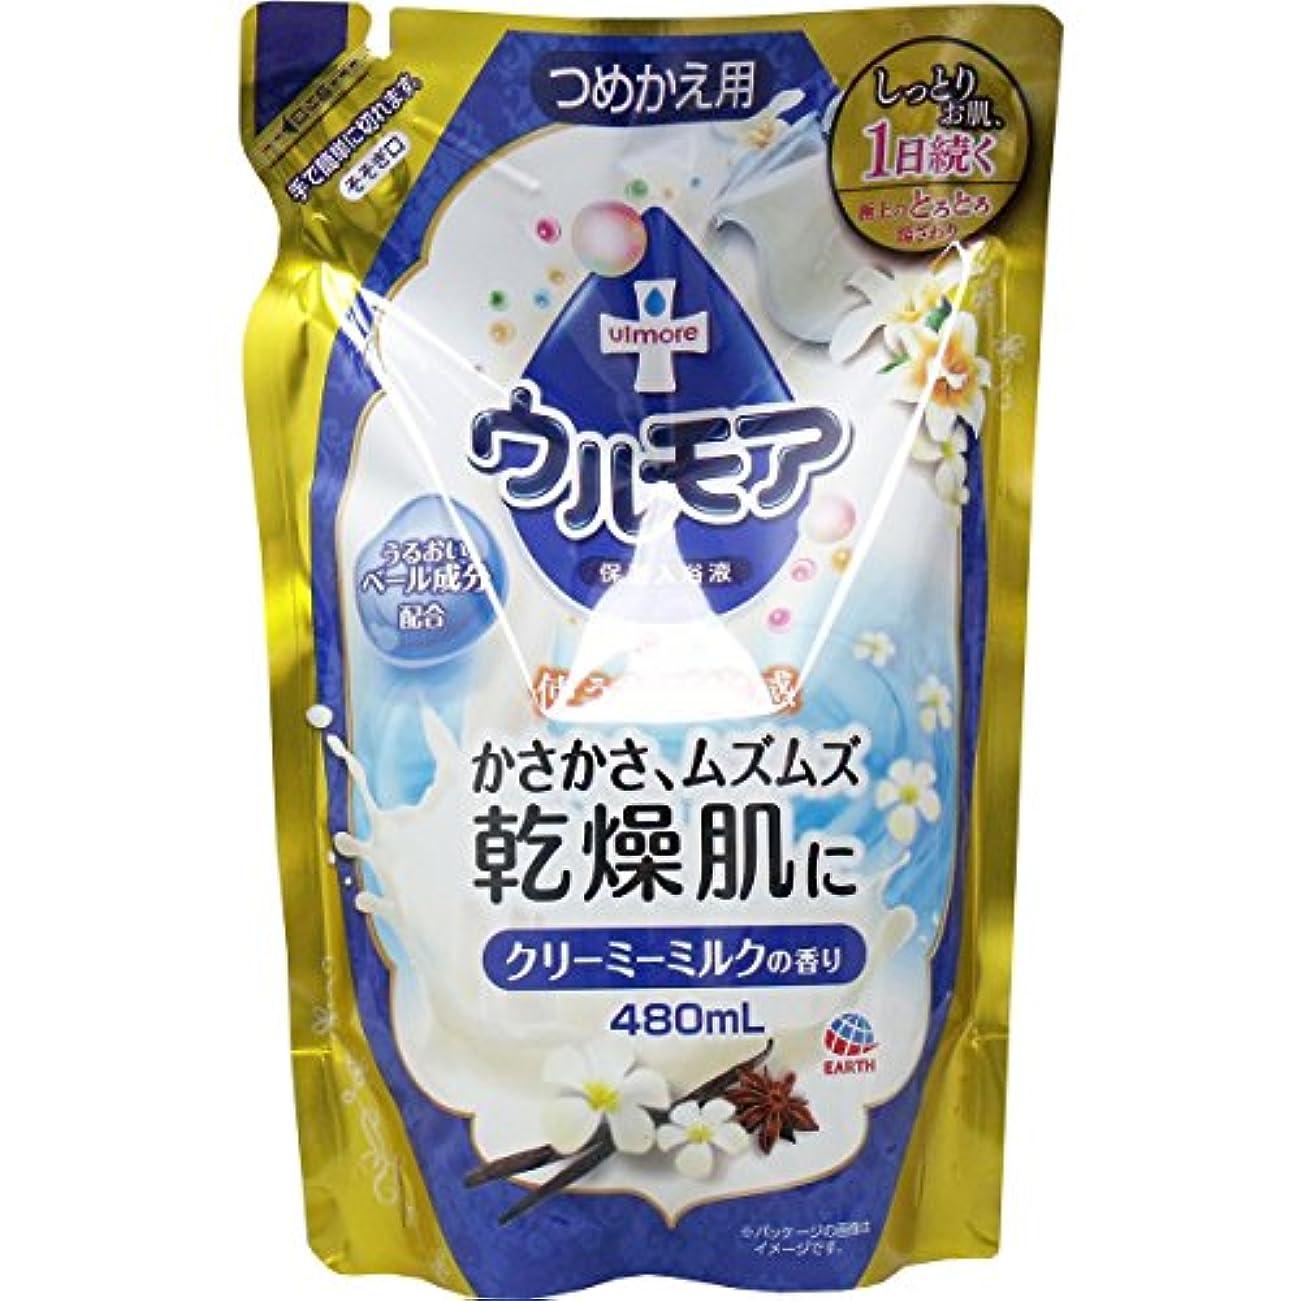 保湿入浴液ウルモアクリーミーミルク 替え × 5個セット